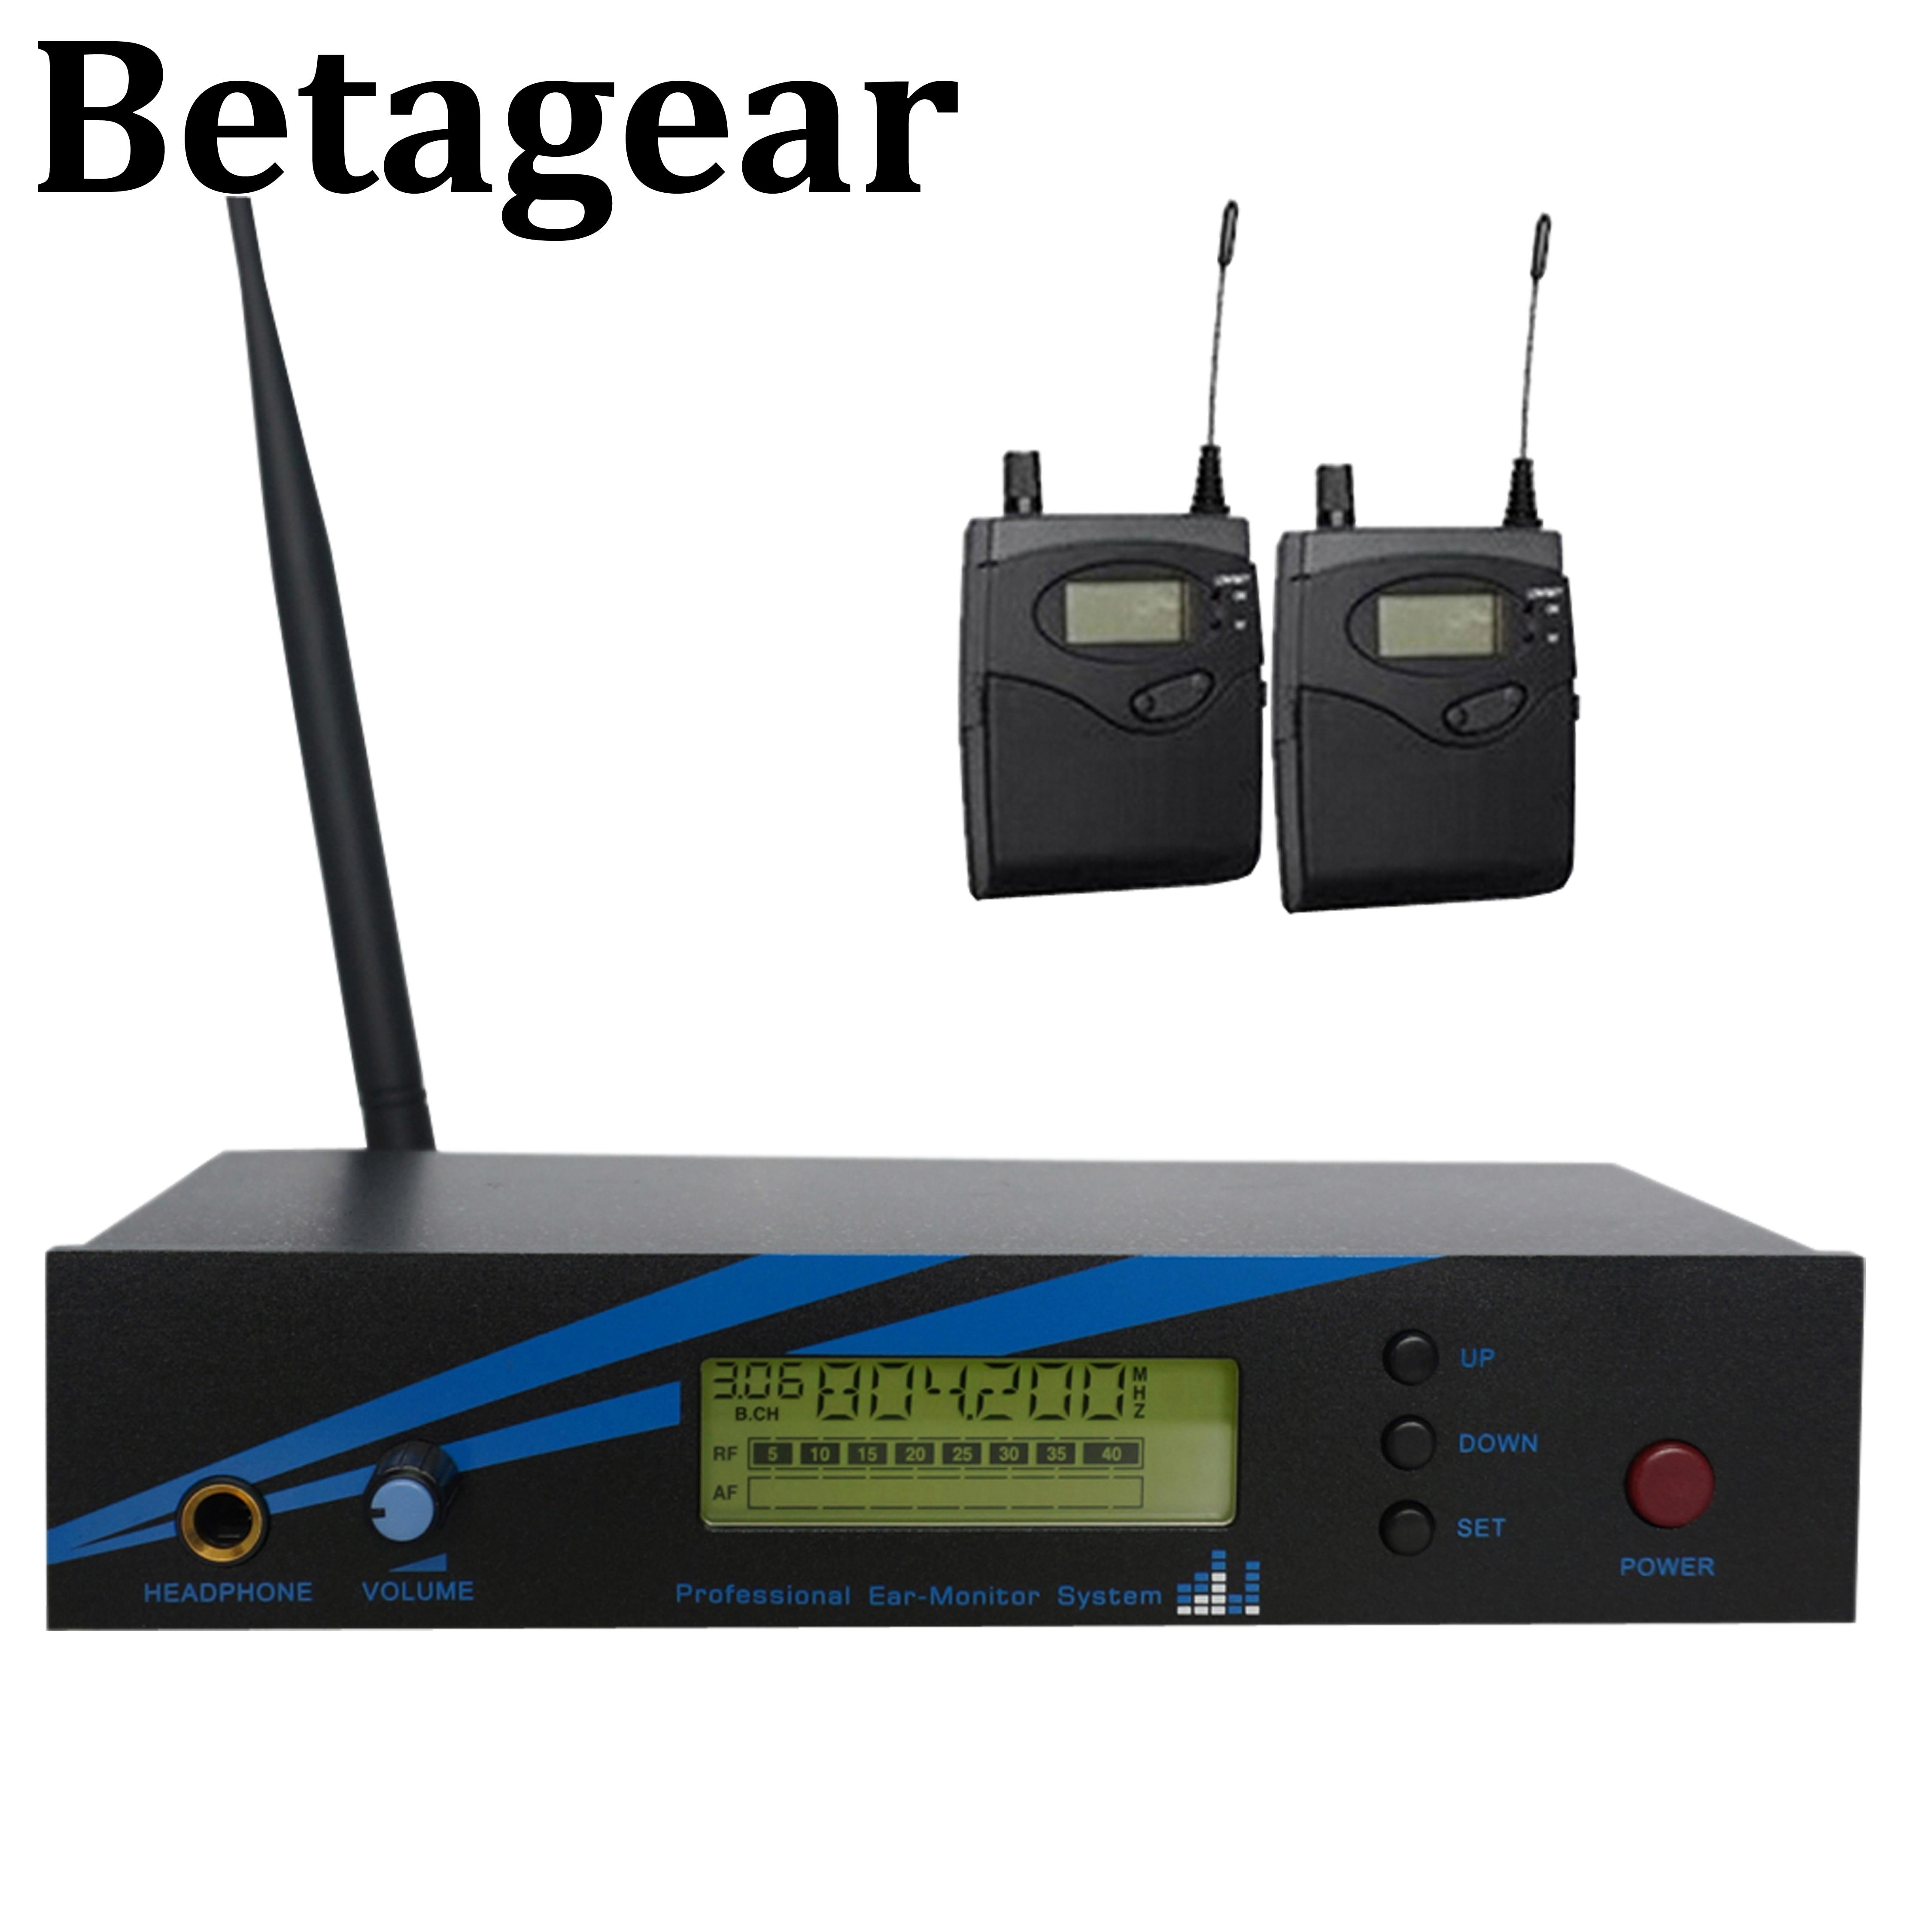 Betagear-نظام مراقبة الأذن أحادي ، BK500 ، قناة واحدة ، 798-830 ميجاهرتز ، 2 جهاز استقبال ، مرحلة صوتية ، أداء احترافي